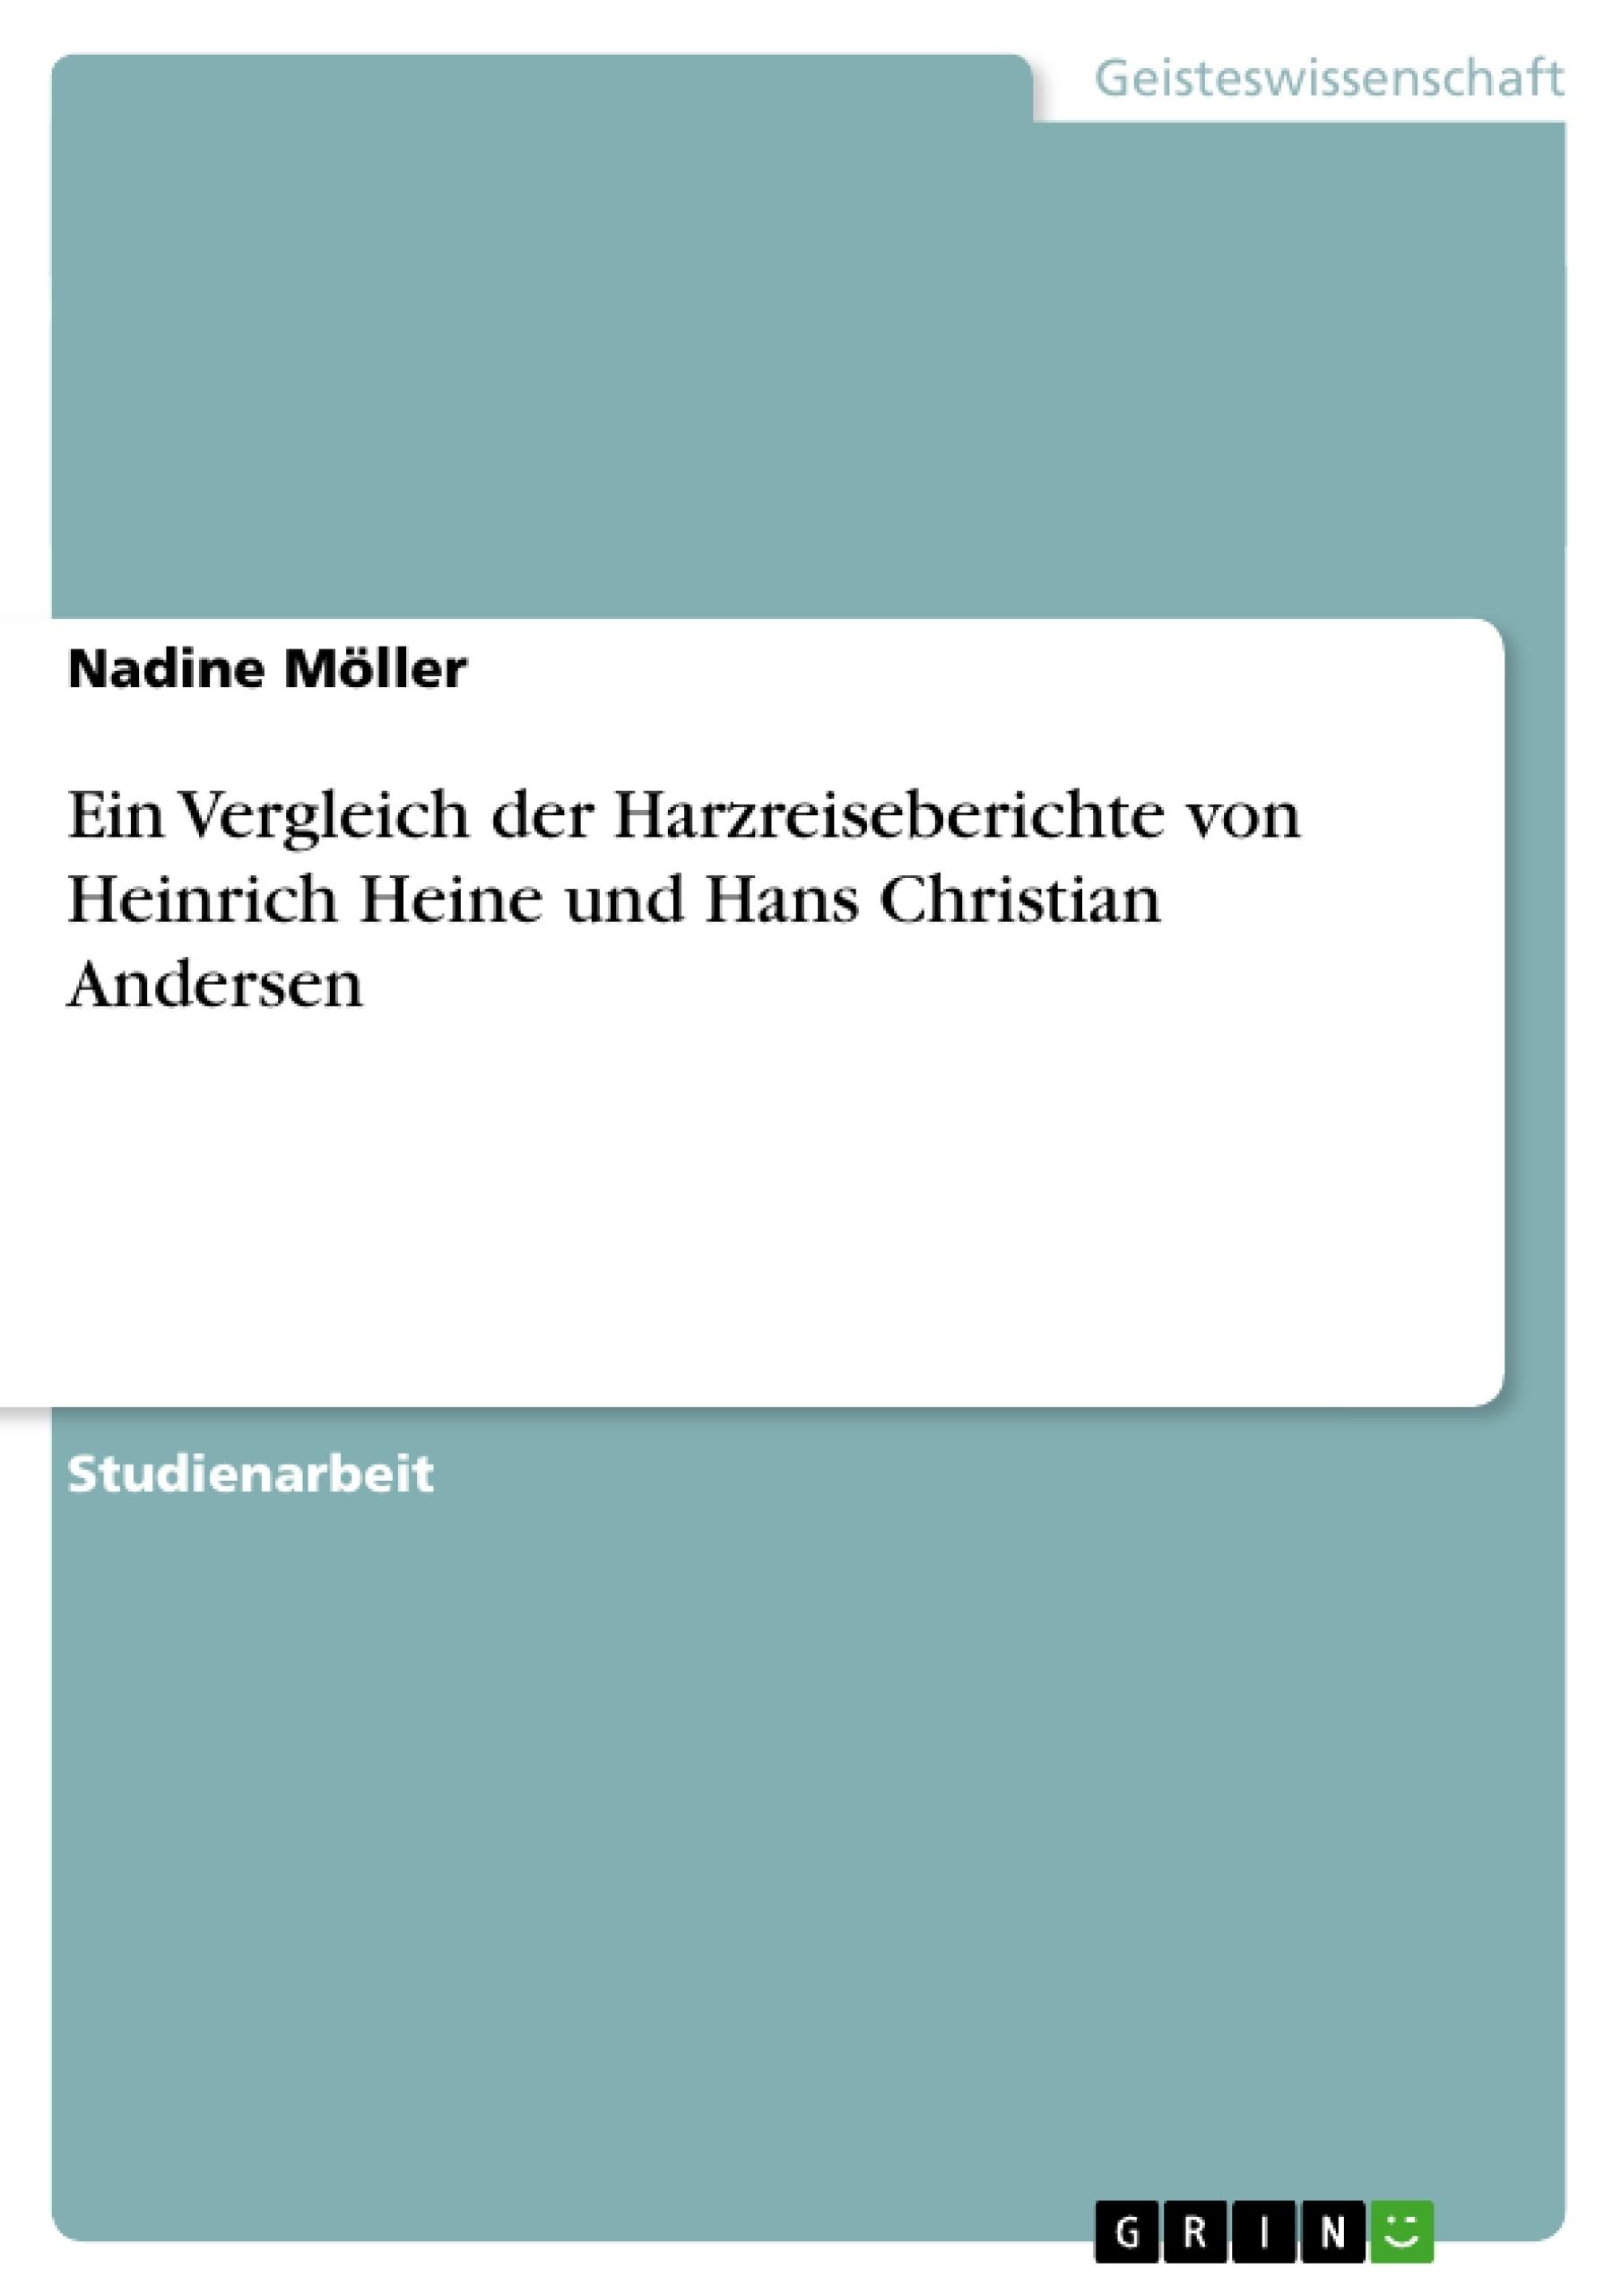 Titel: Ein Vergleich der Harzreiseberichte von Heinrich Heine und Hans Christian Andersen